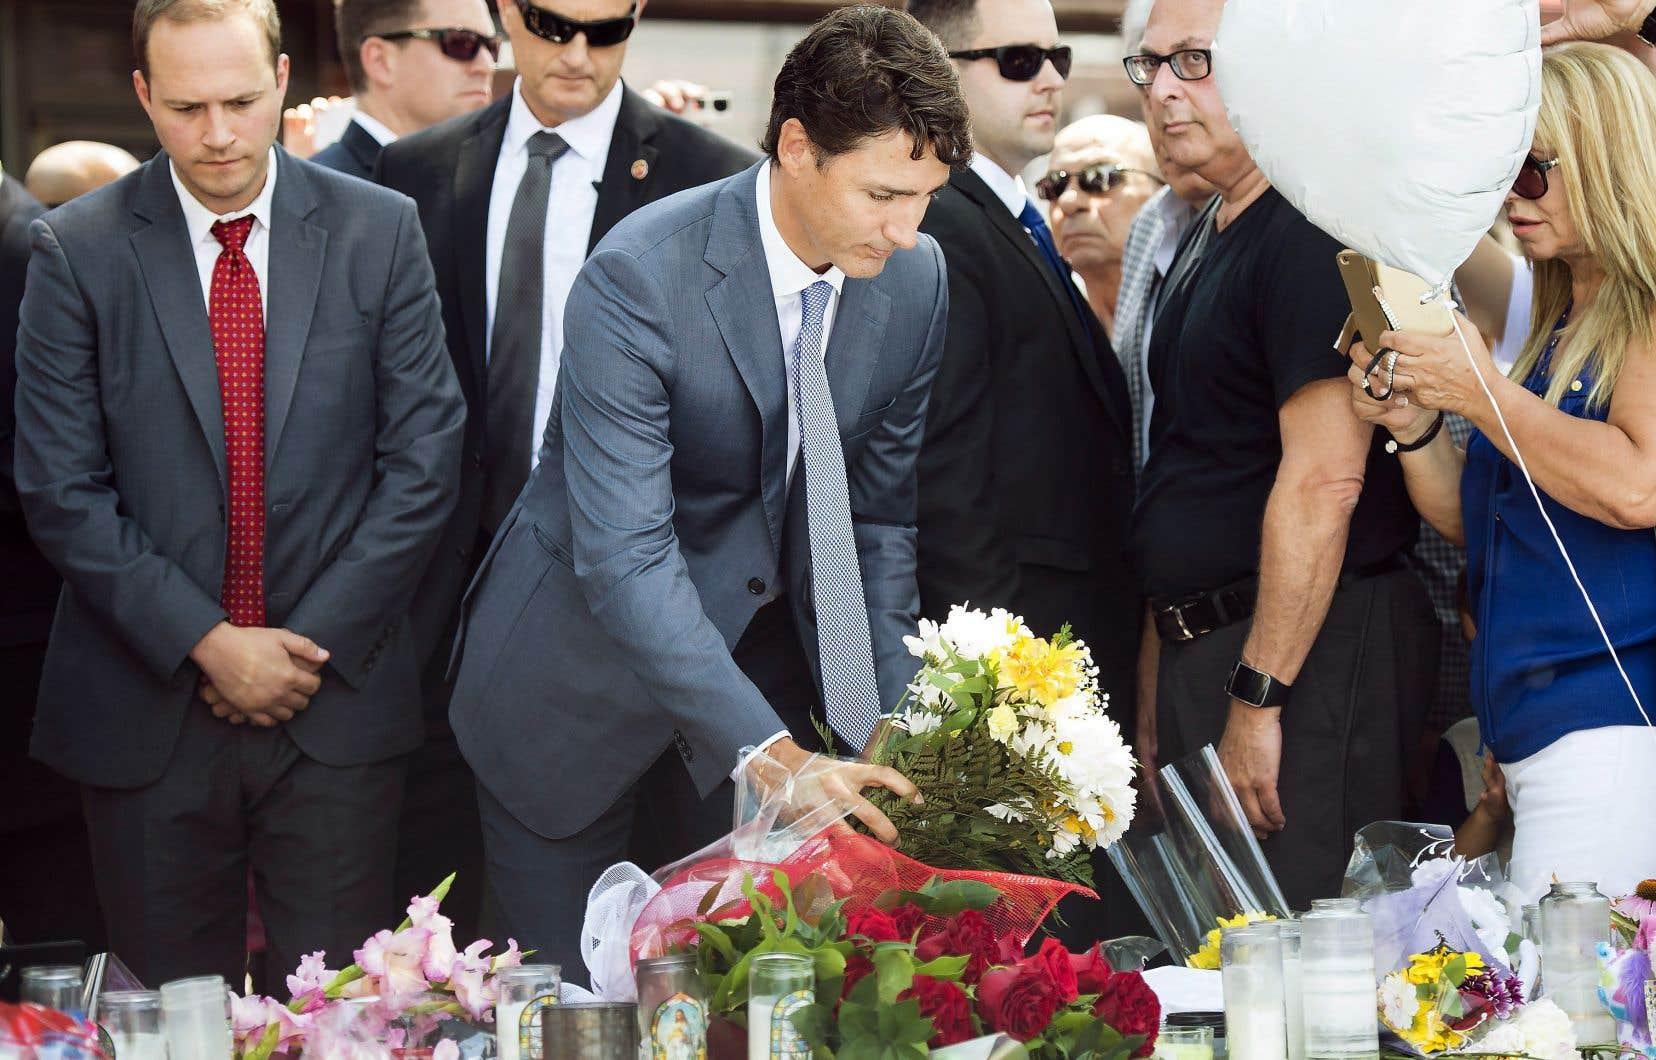 Peu de temps après avoir assisté aux funérailles de Reese Fallon, le premier ministre Justin Trudeau, ému, a tenté d'offrir un peu d'espoir aux proches.